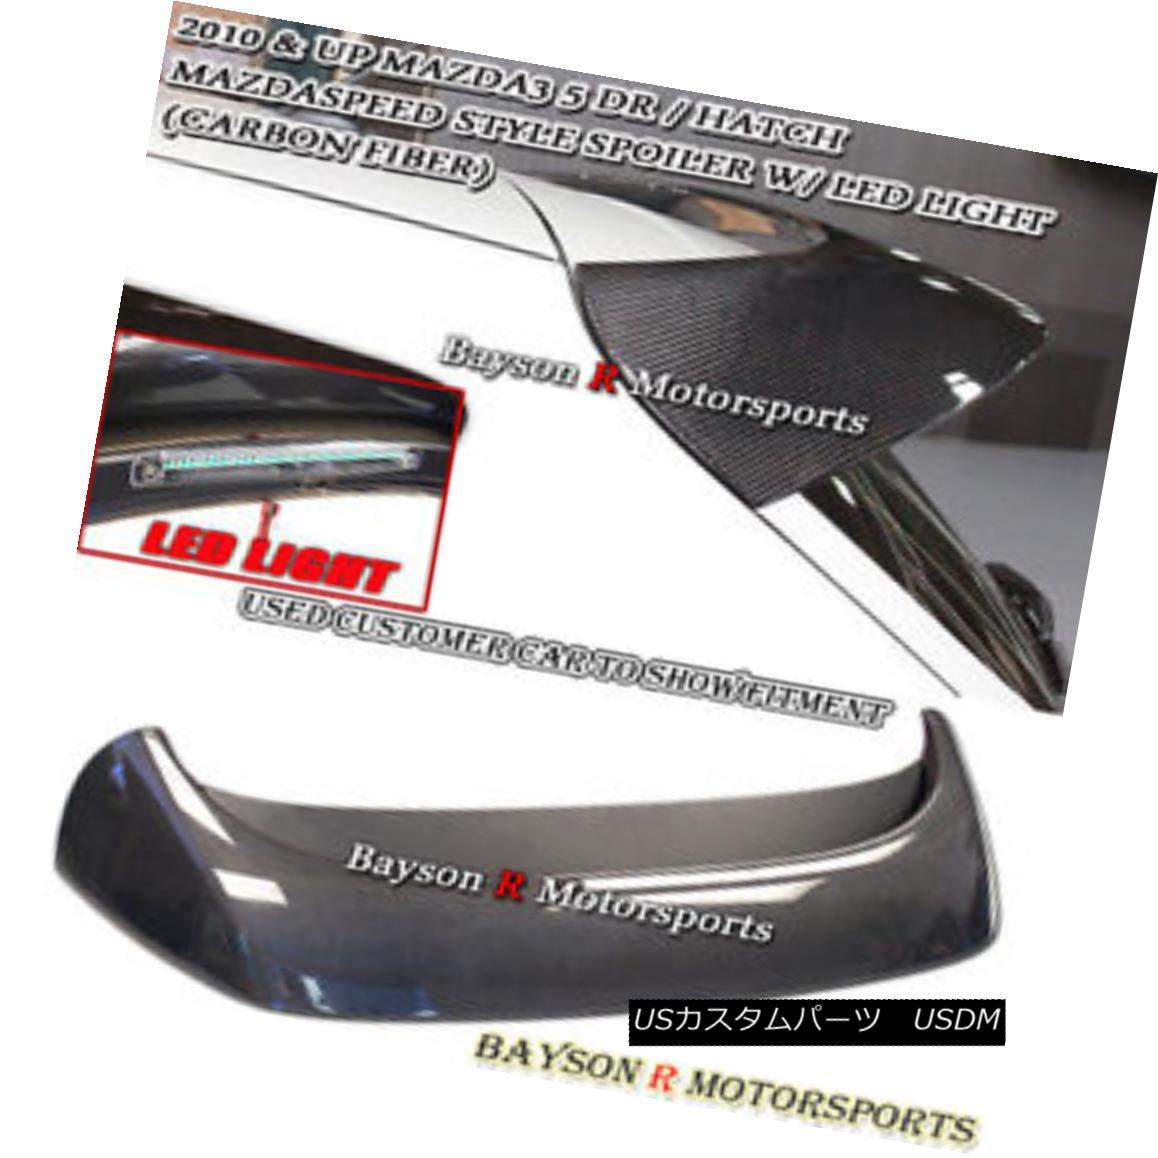 エアロパーツ MS-Style Rear Roof Spoiler Wing (Carbon) Fits 10-13 Mazda 3 Hatch 5dr MSスタイルのリアルーフスポイラーウイング(カーボン)10-13マツダ3ハッチ5dr